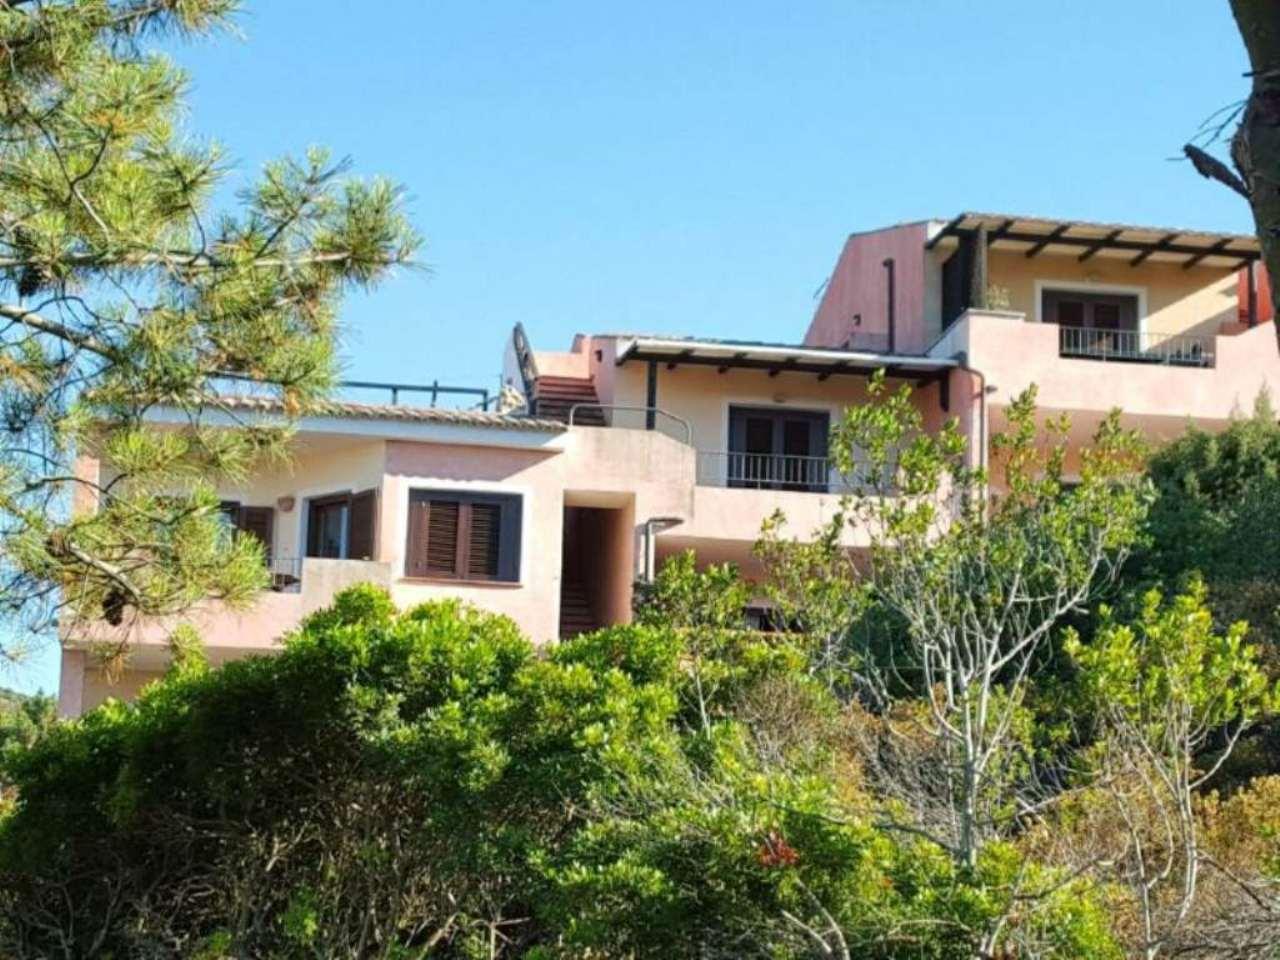 Appartamento in vendita a Tempio Pausania, 4 locali, prezzo € 210.000 | Cambio Casa.it